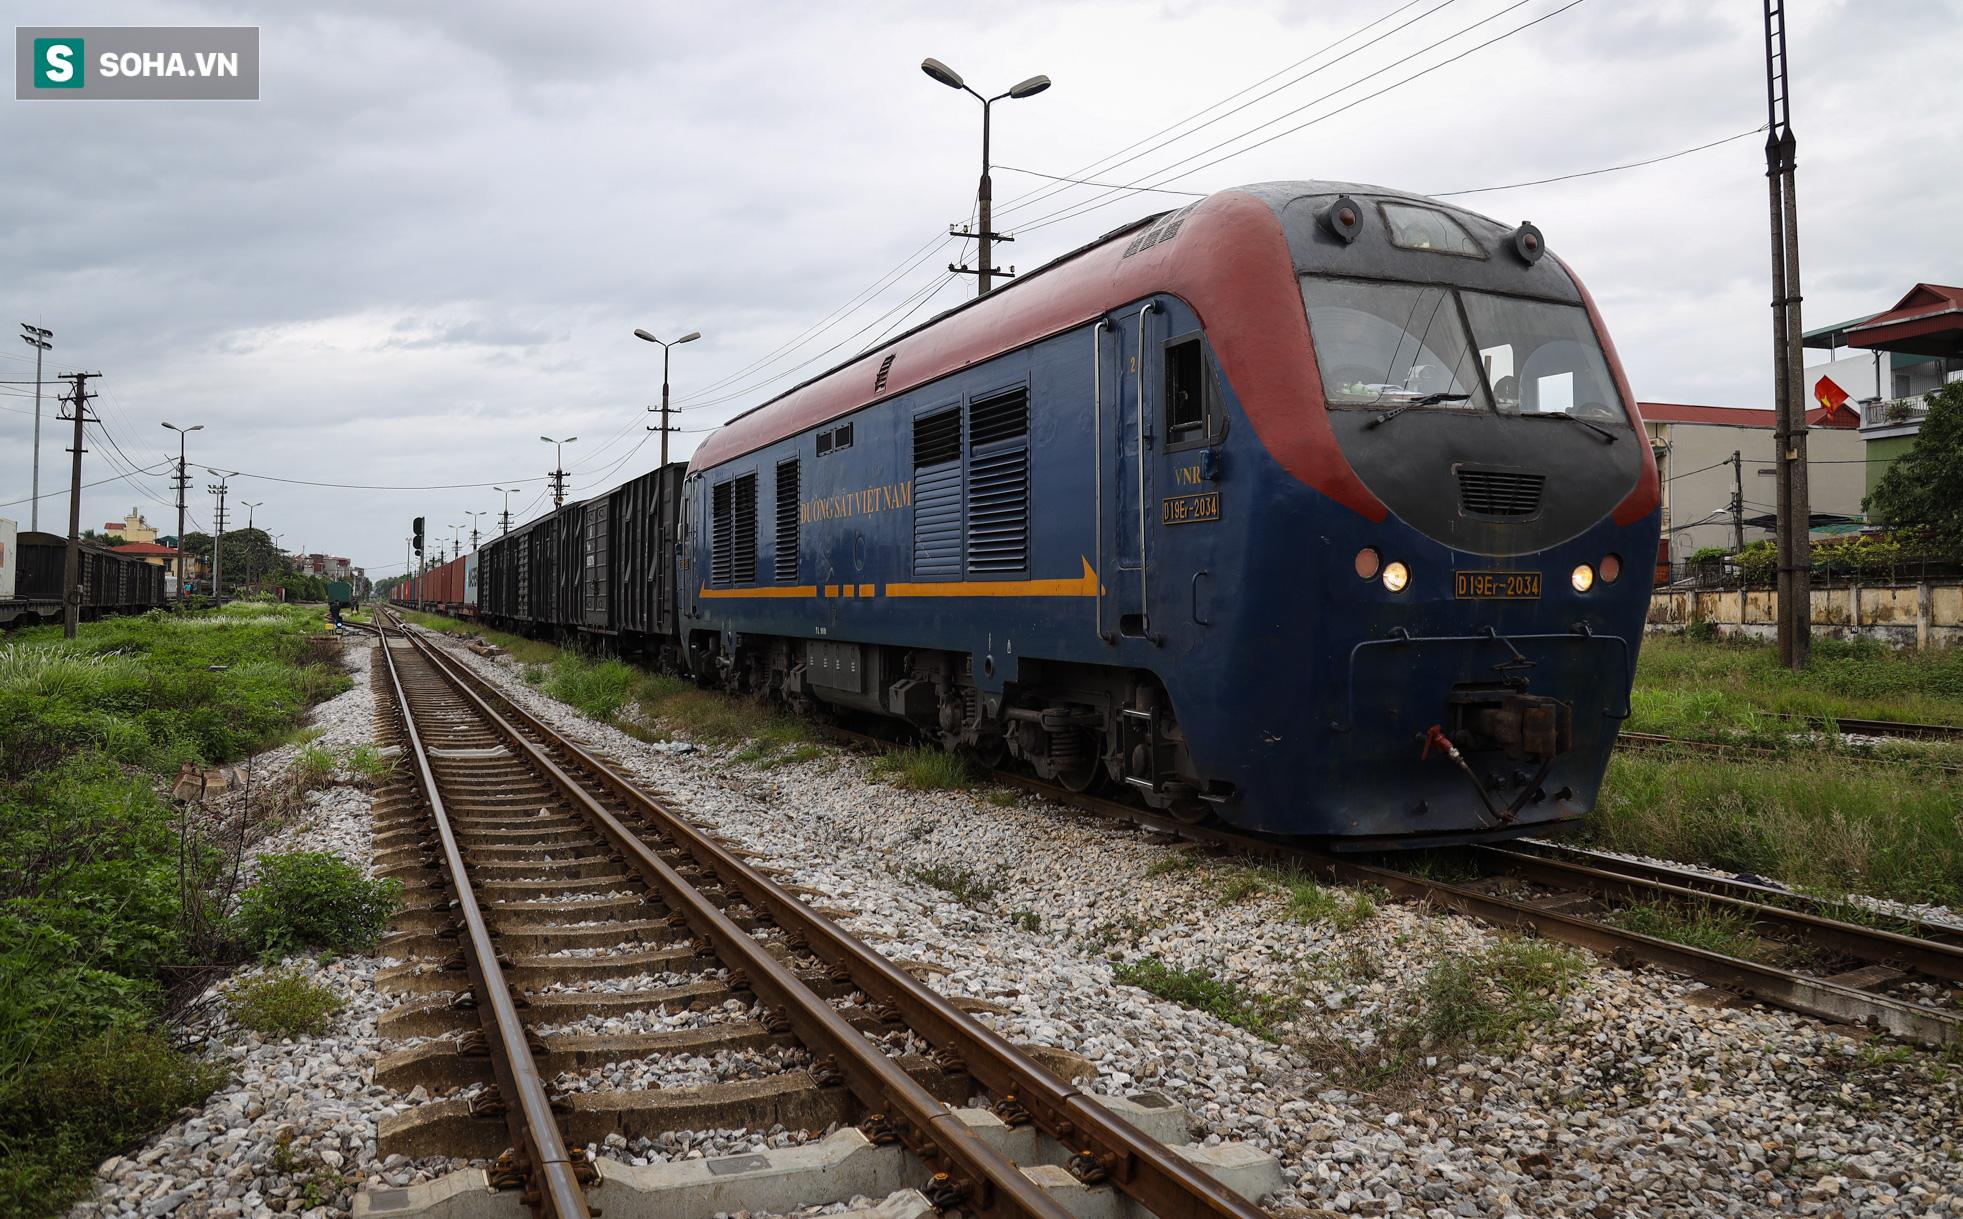 Chủ tịch Tổng công ty Đường sắt nói gì về bản quy hoạch 240 nghìn tỷ của Bộ GTVT?